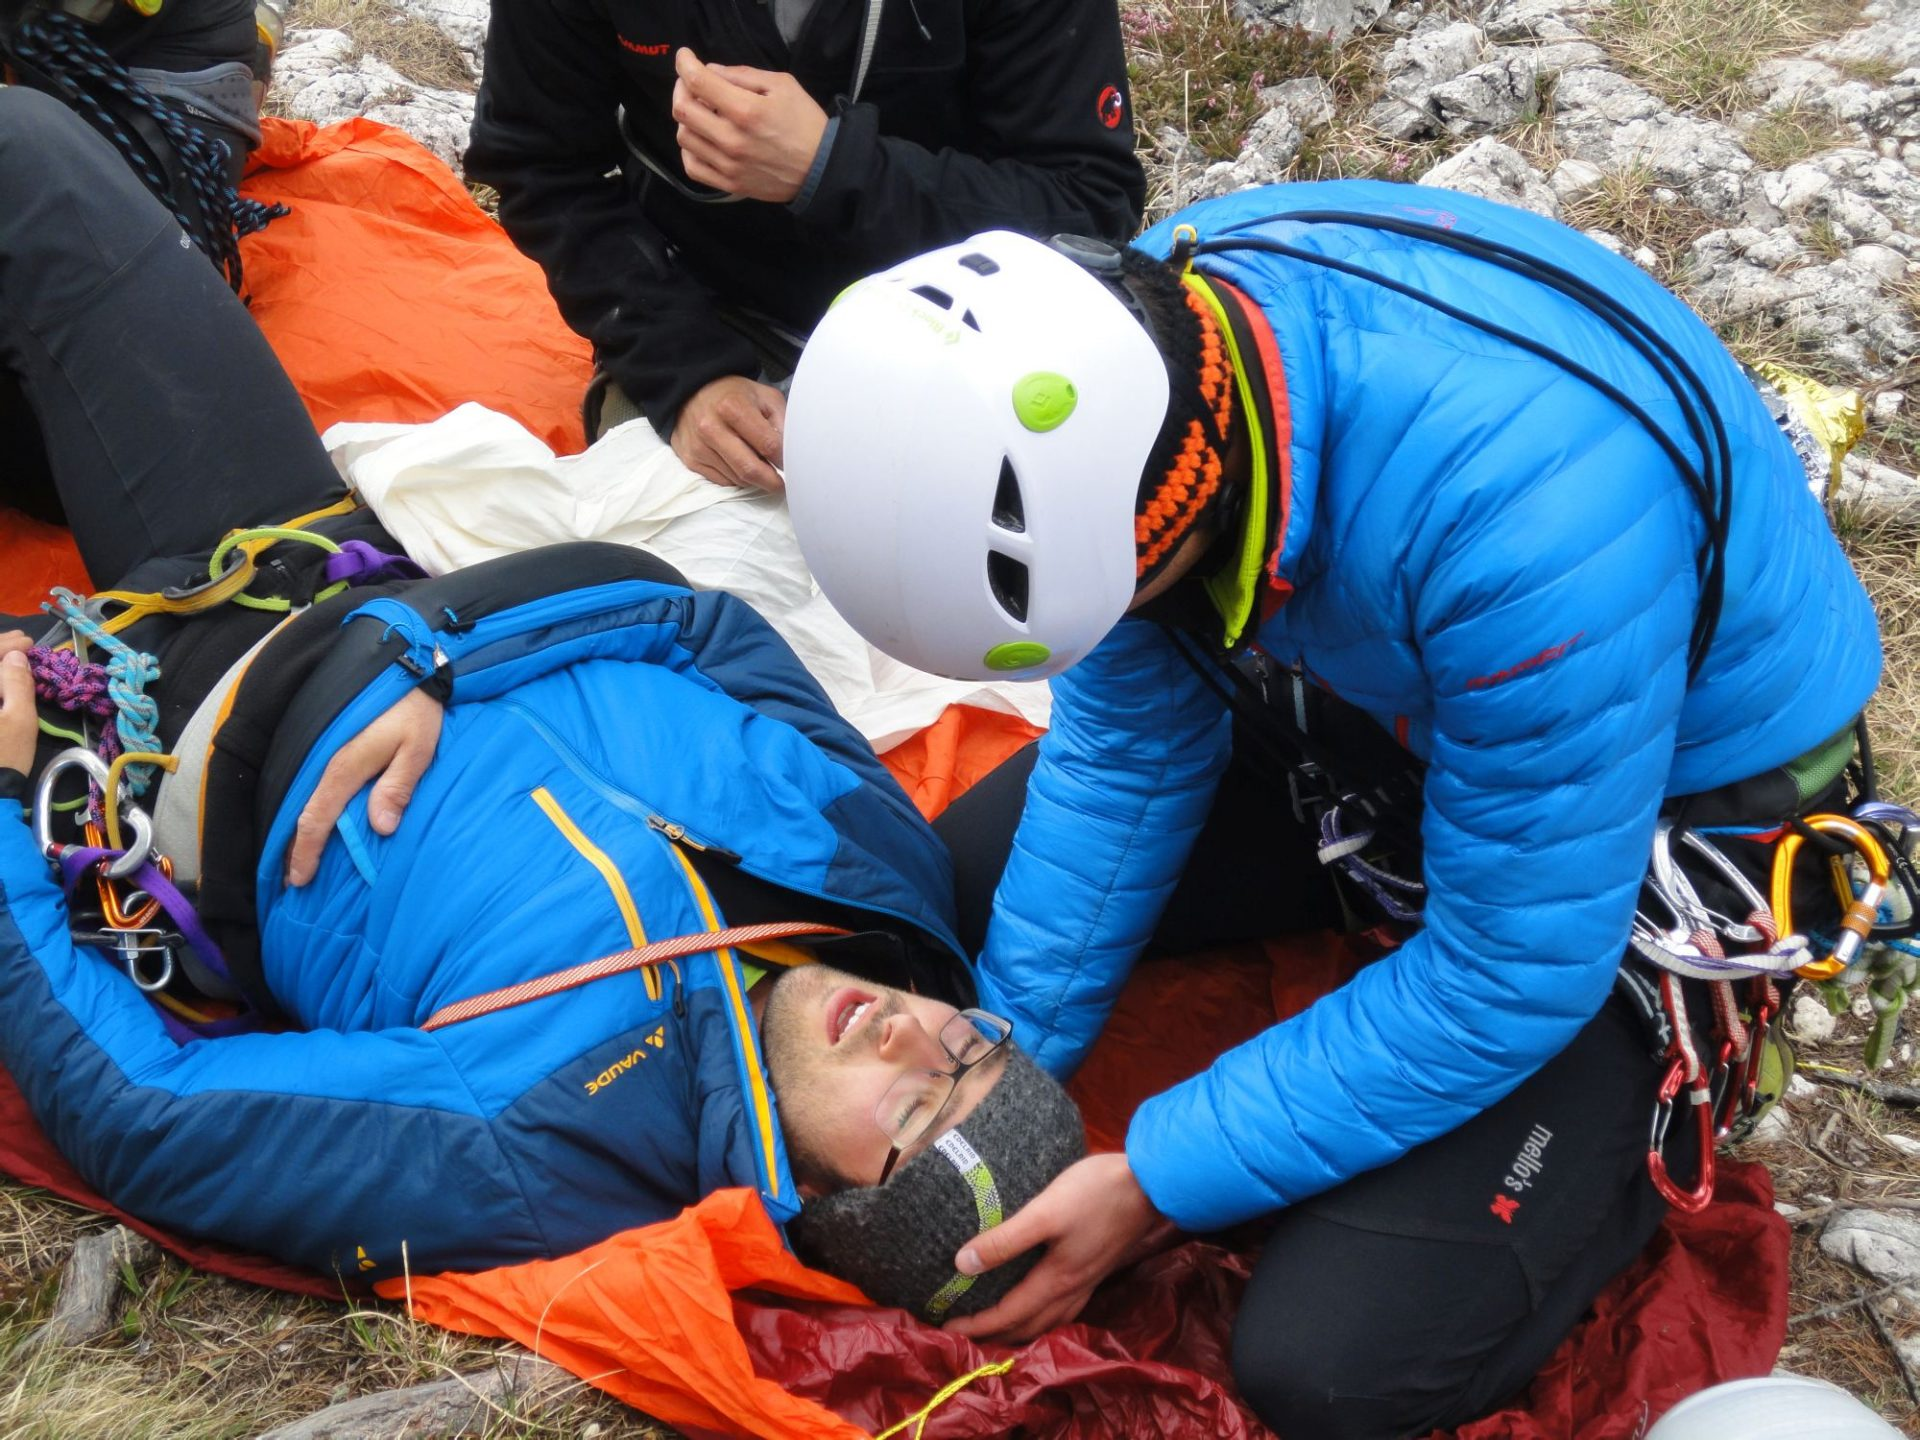 Erste Hilfe und Betreuung des Verletzten © Ewald Guarda